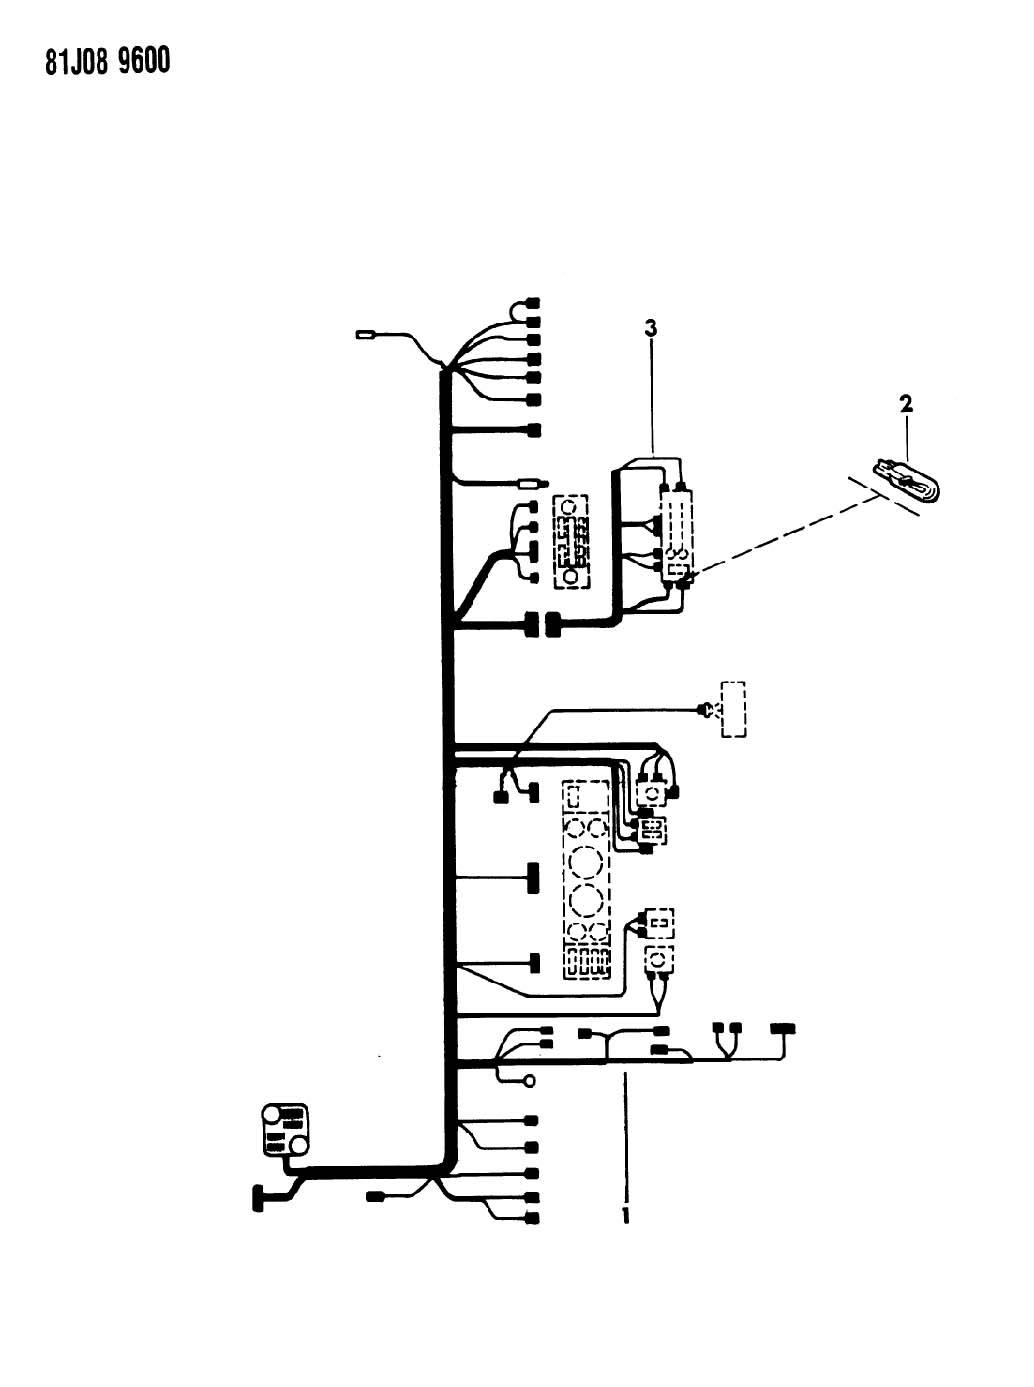 Jeep Xj Wiring